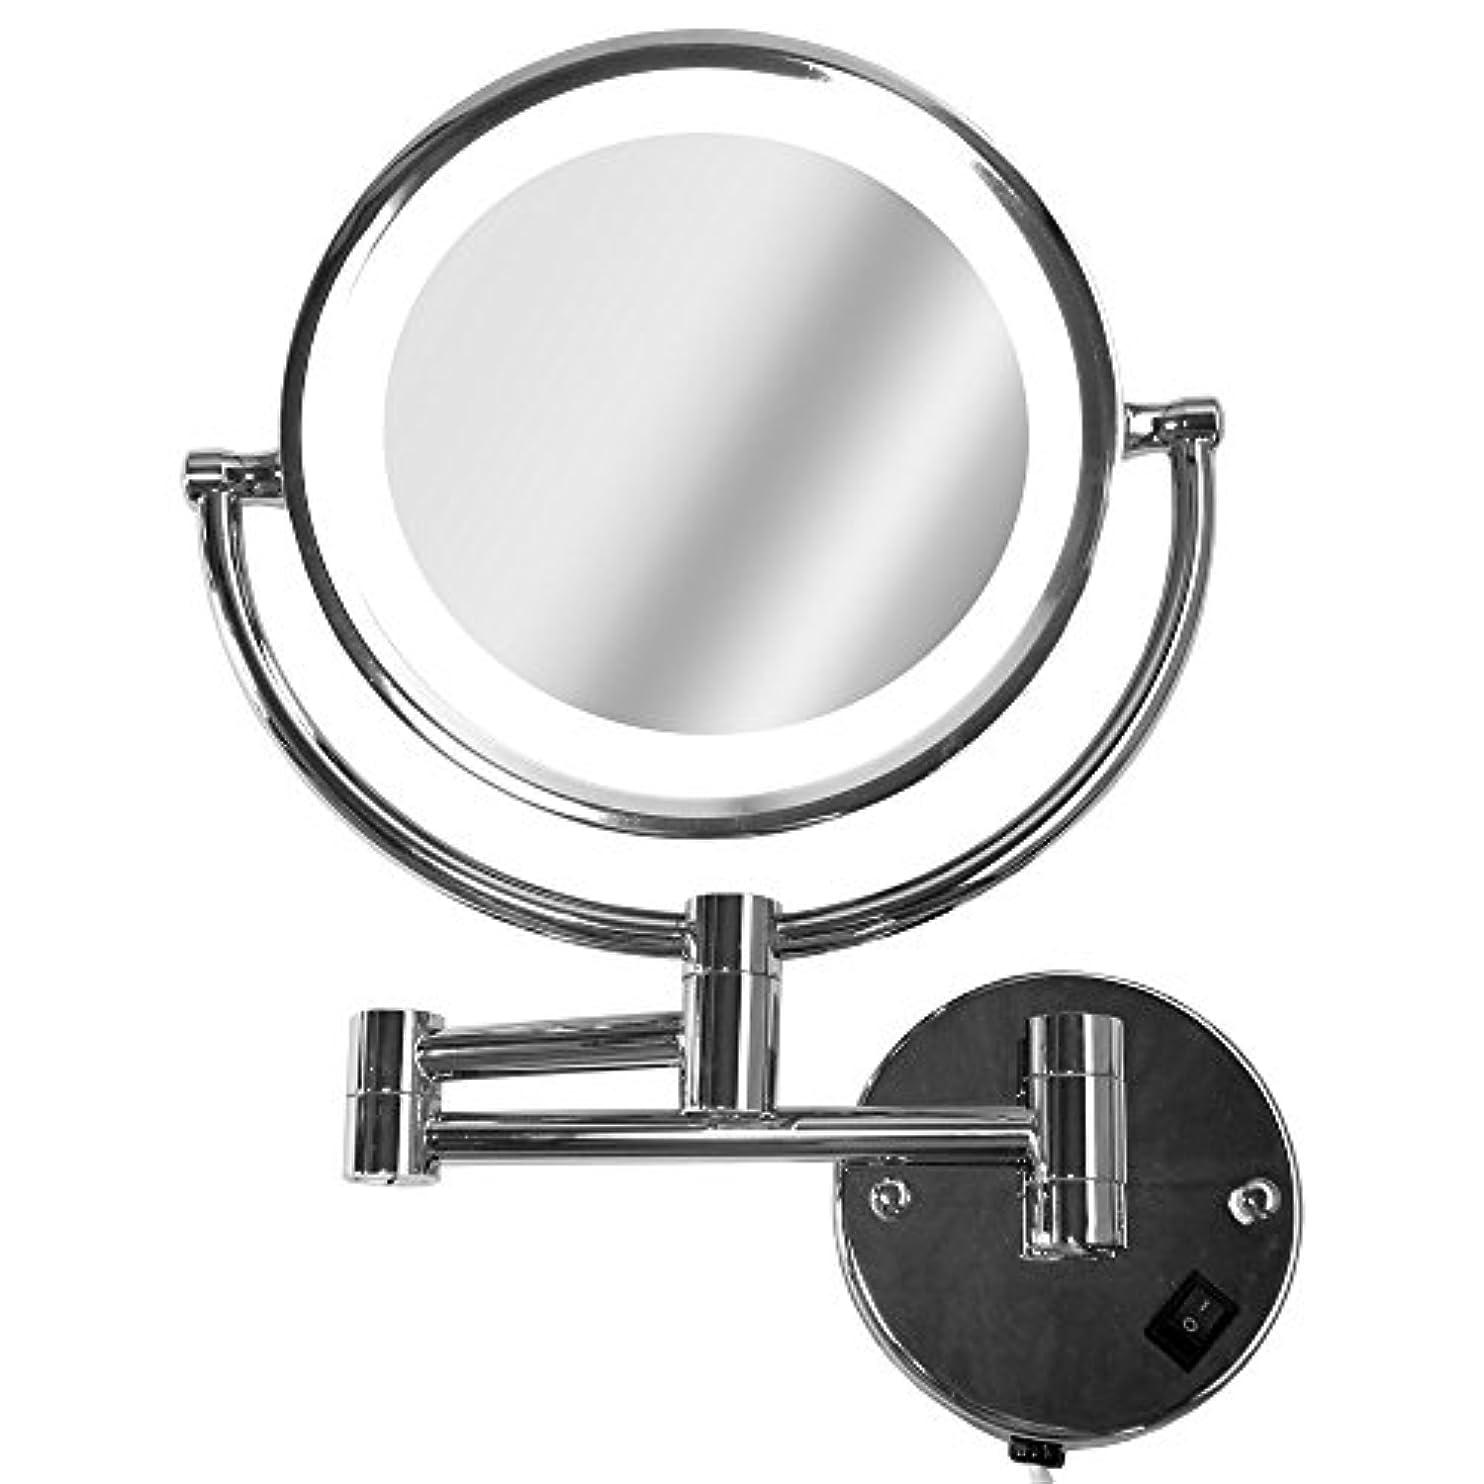 なんとなく対立納税者La Curie アームミラー 壁付けミラー 拡大鏡 折りたたみホテルミラー LEDライト付 5倍 LaCurie014